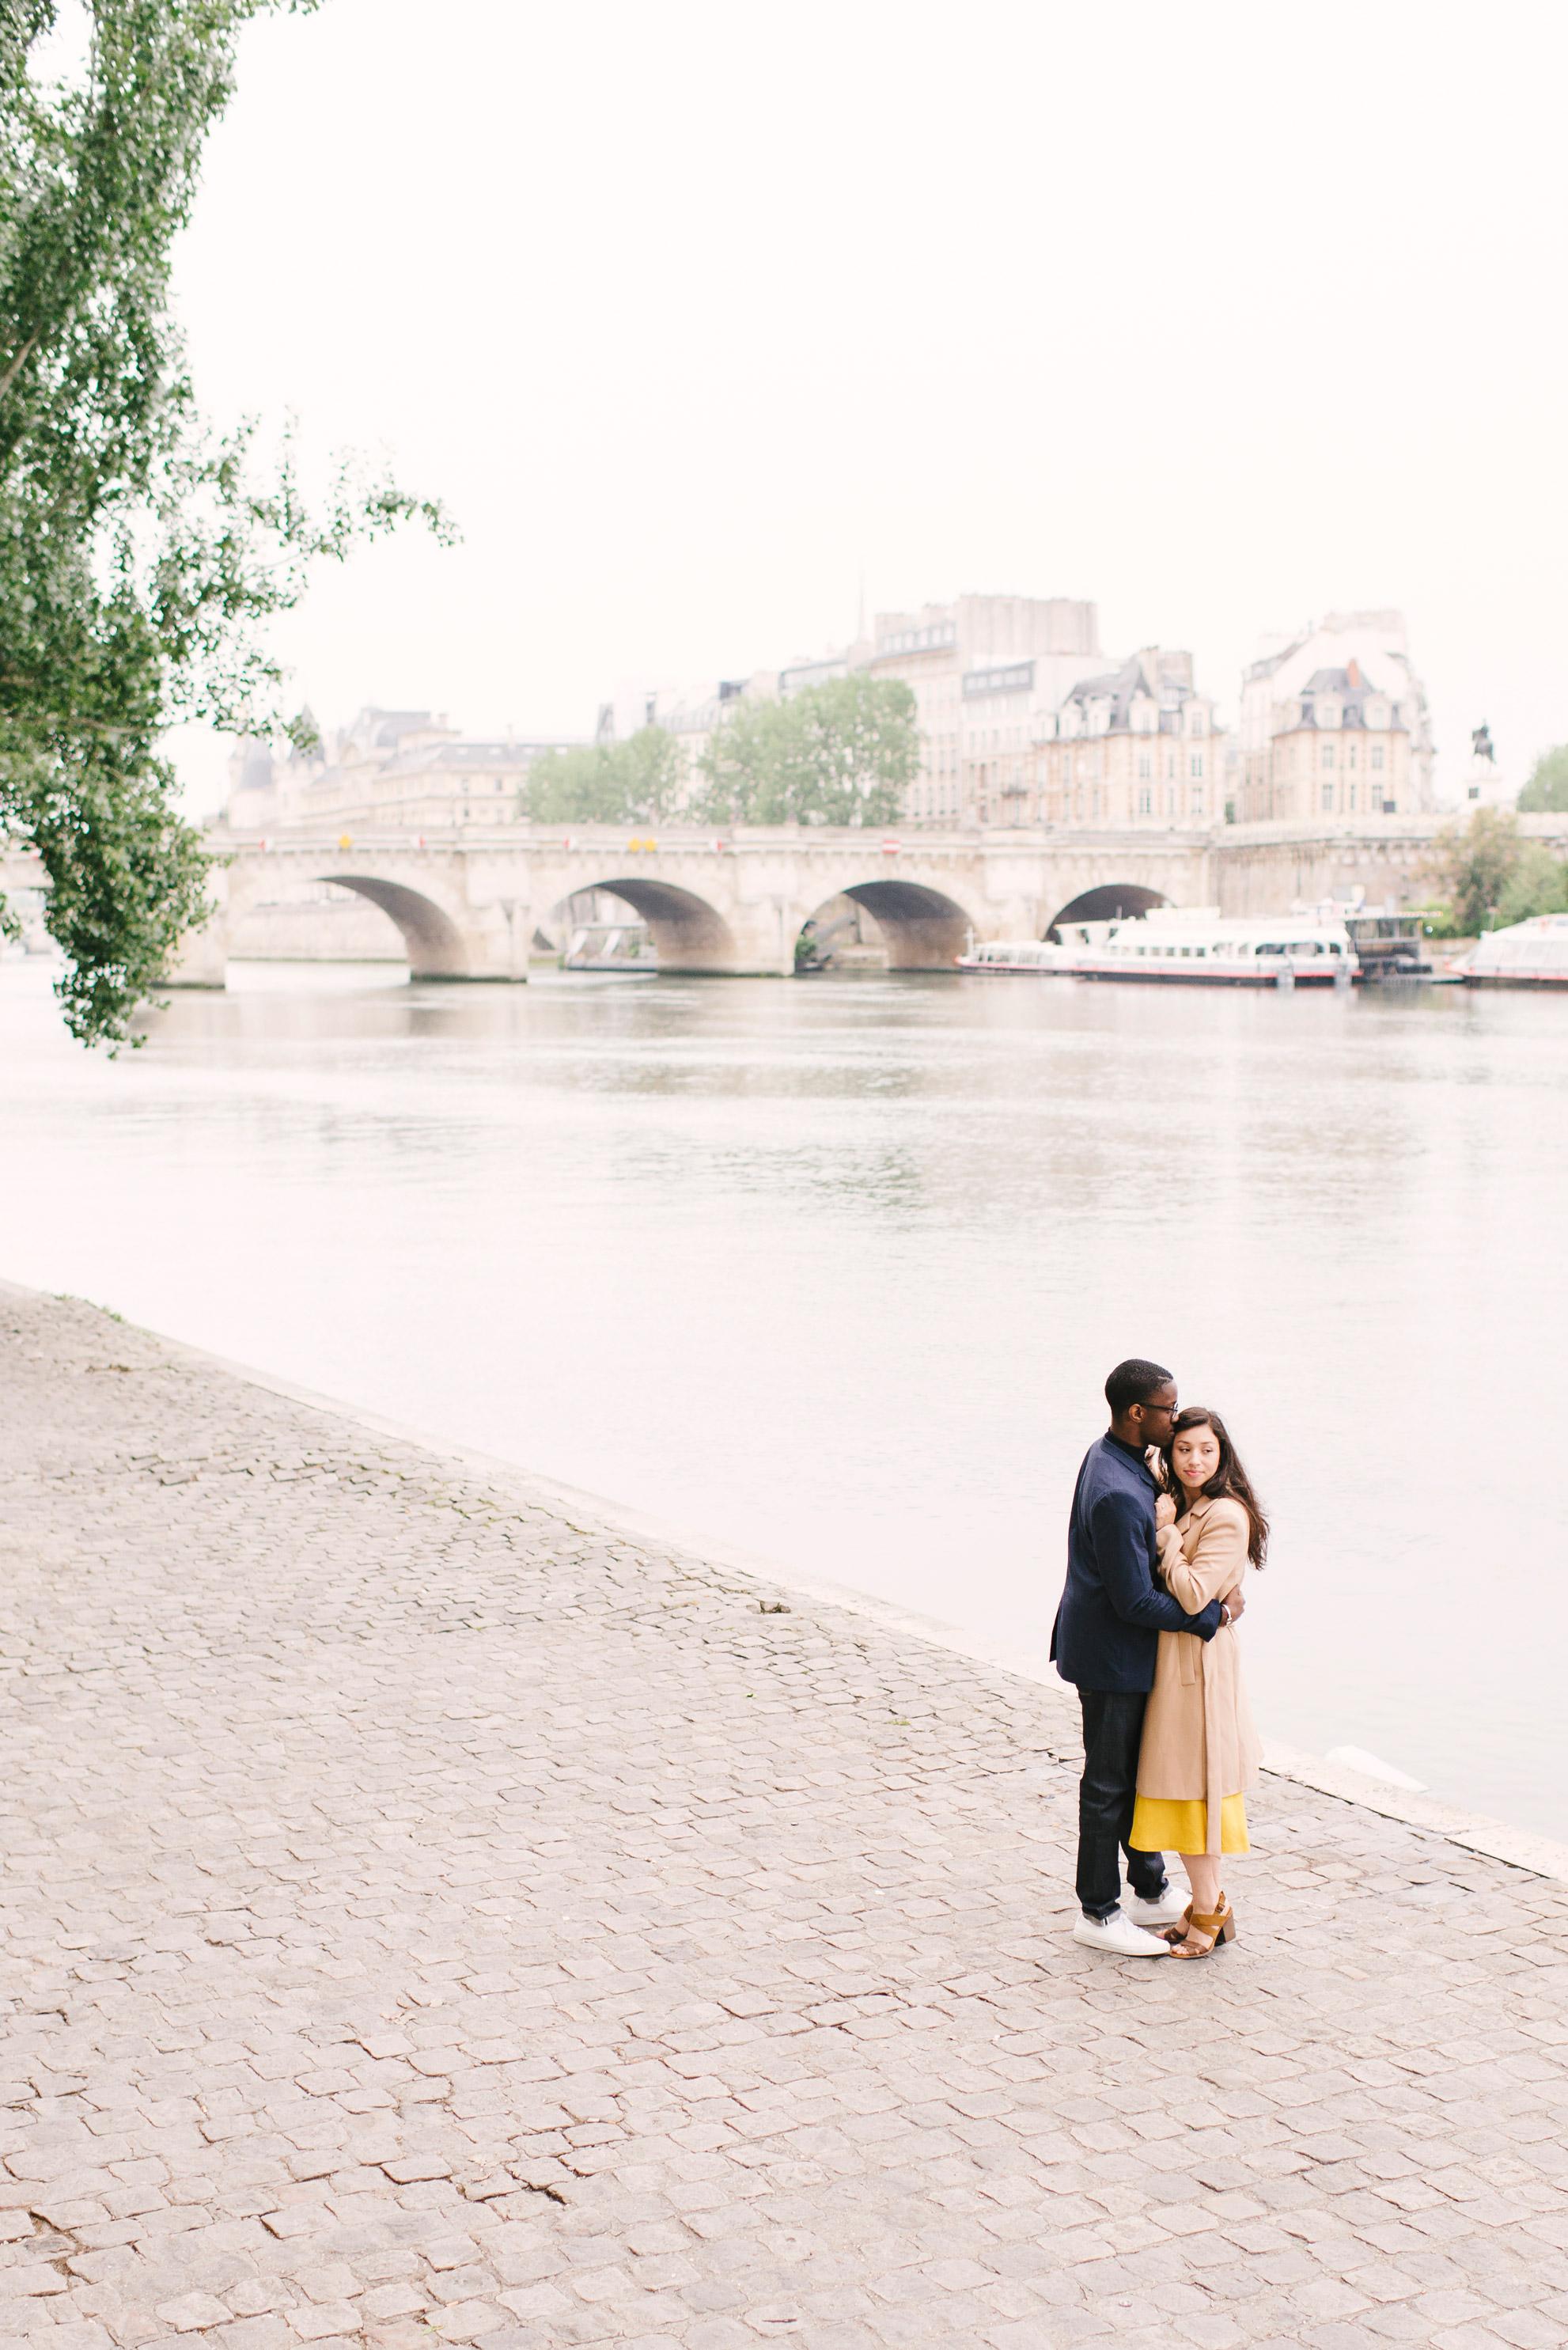 Couple-photoshoot-Paris-Pont-des-arts-Louvre-PalaisRoyale-004.jpg